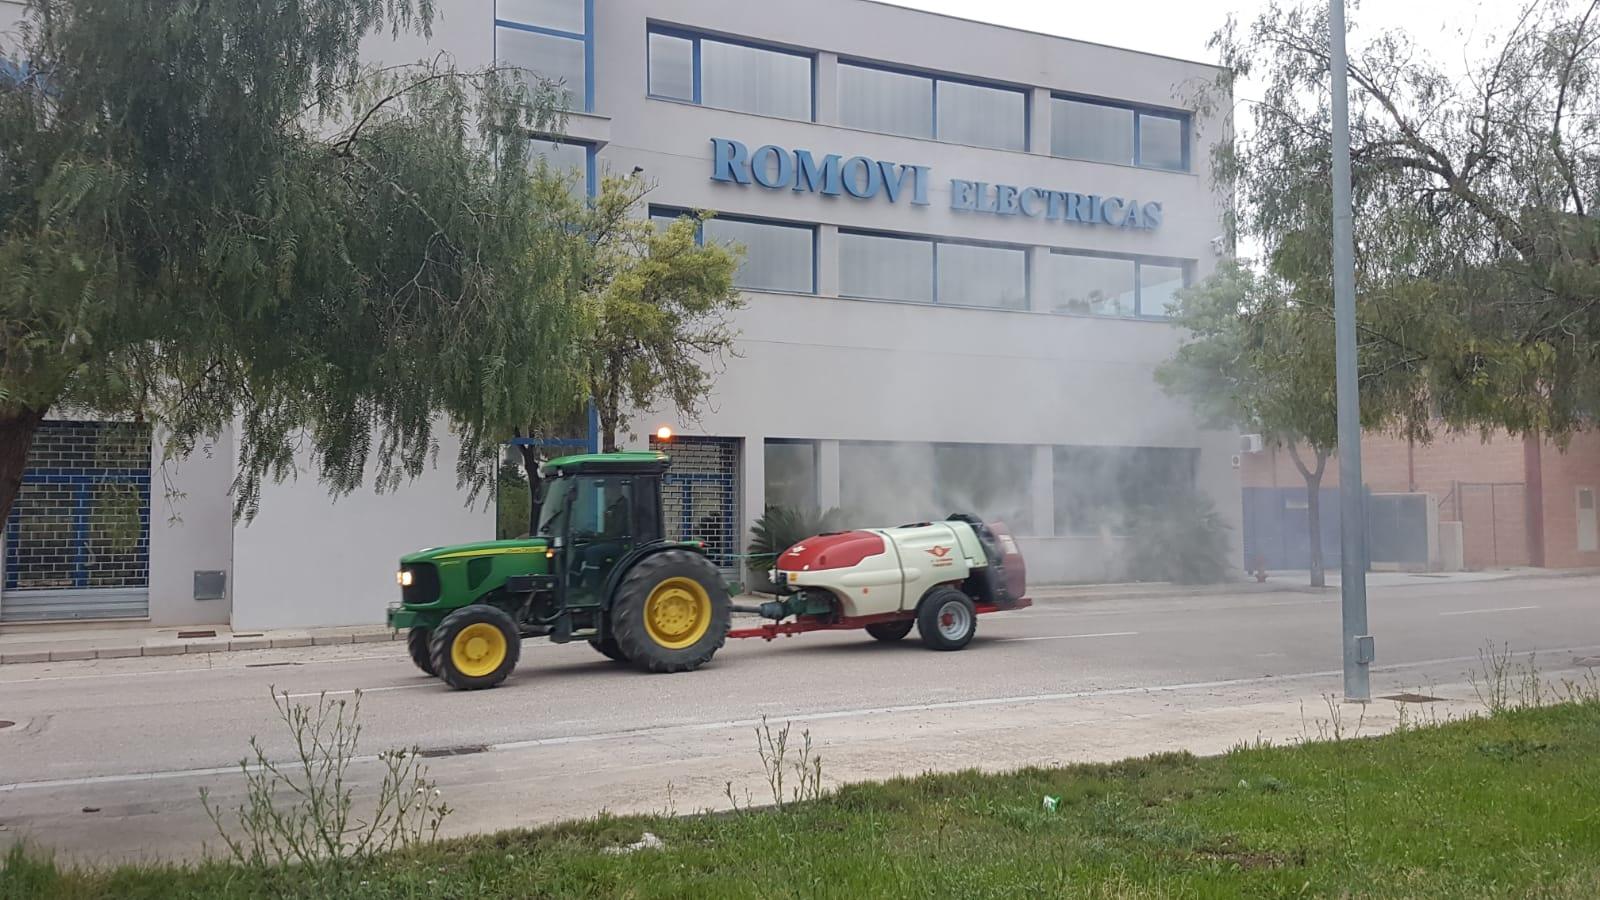 8 tractors desinfecten camins i polígons d'Ontinyent El Periòdic d'Ontinyent - Noticies a Ontinyent